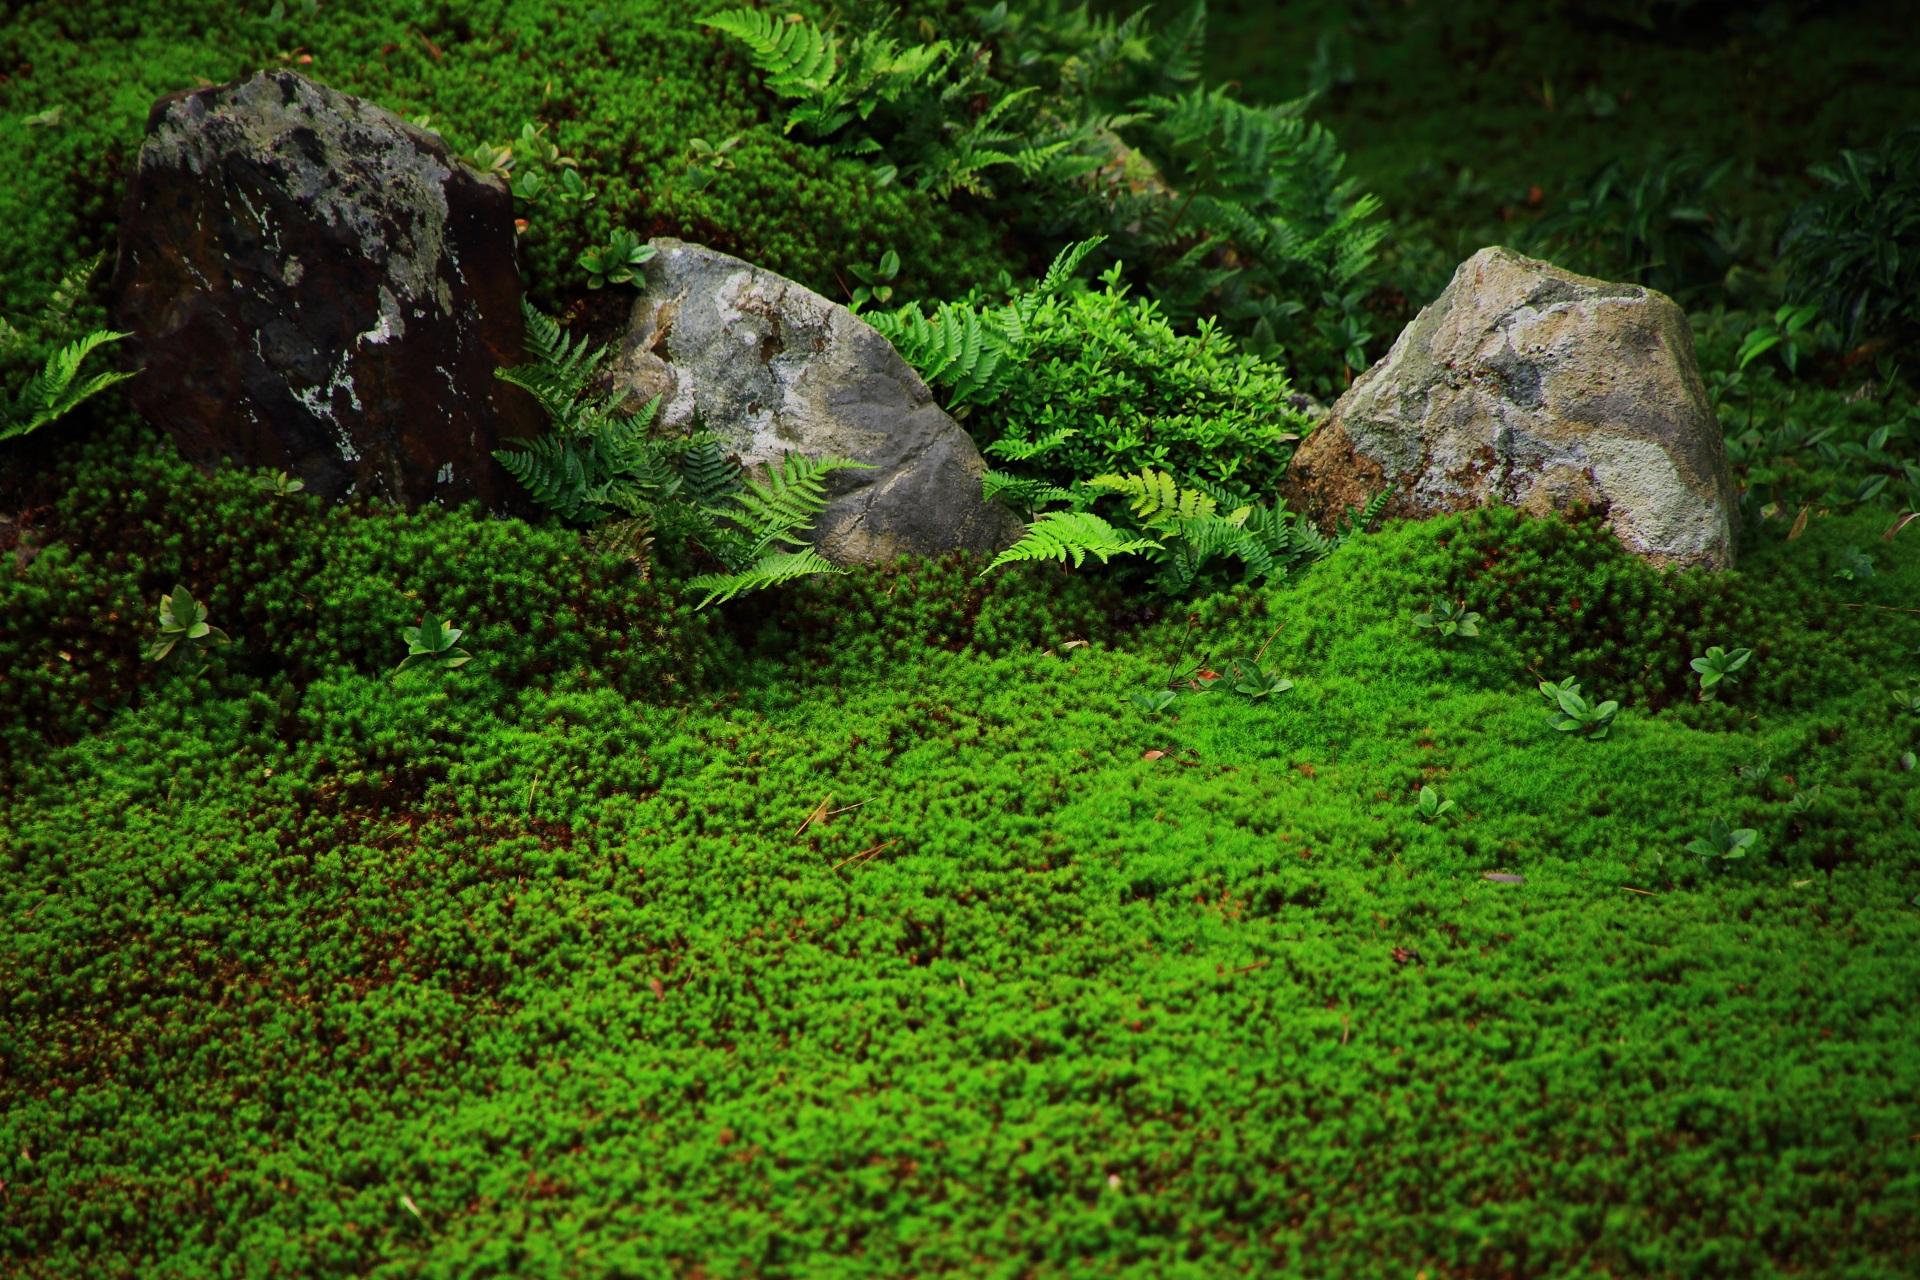 芬陀院庭園の緑の苔やシダ